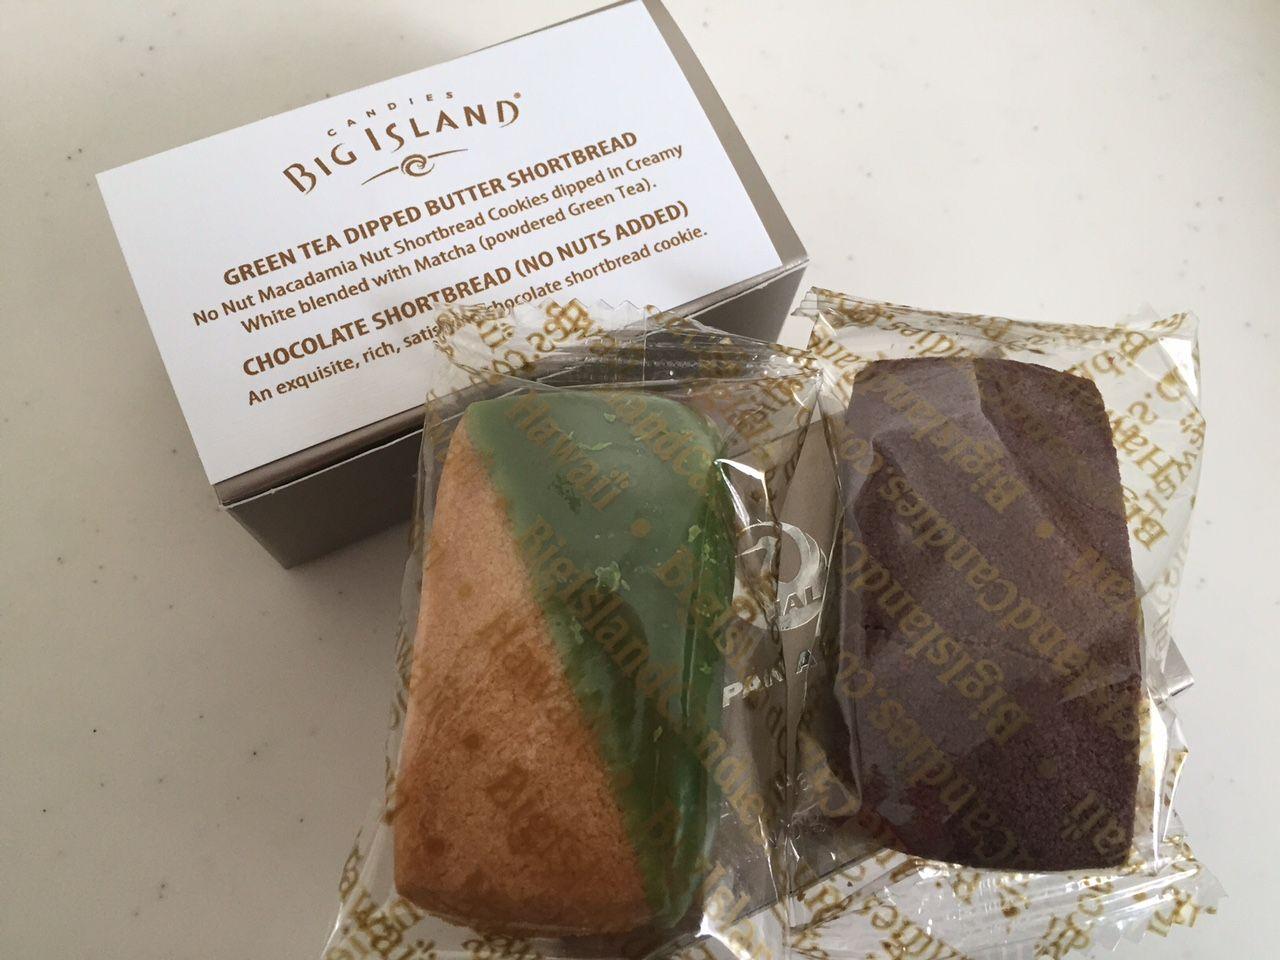 ハワイ島ヒロ発!ビッグアイランド・キャンディーズのショートブレッド・クッキー